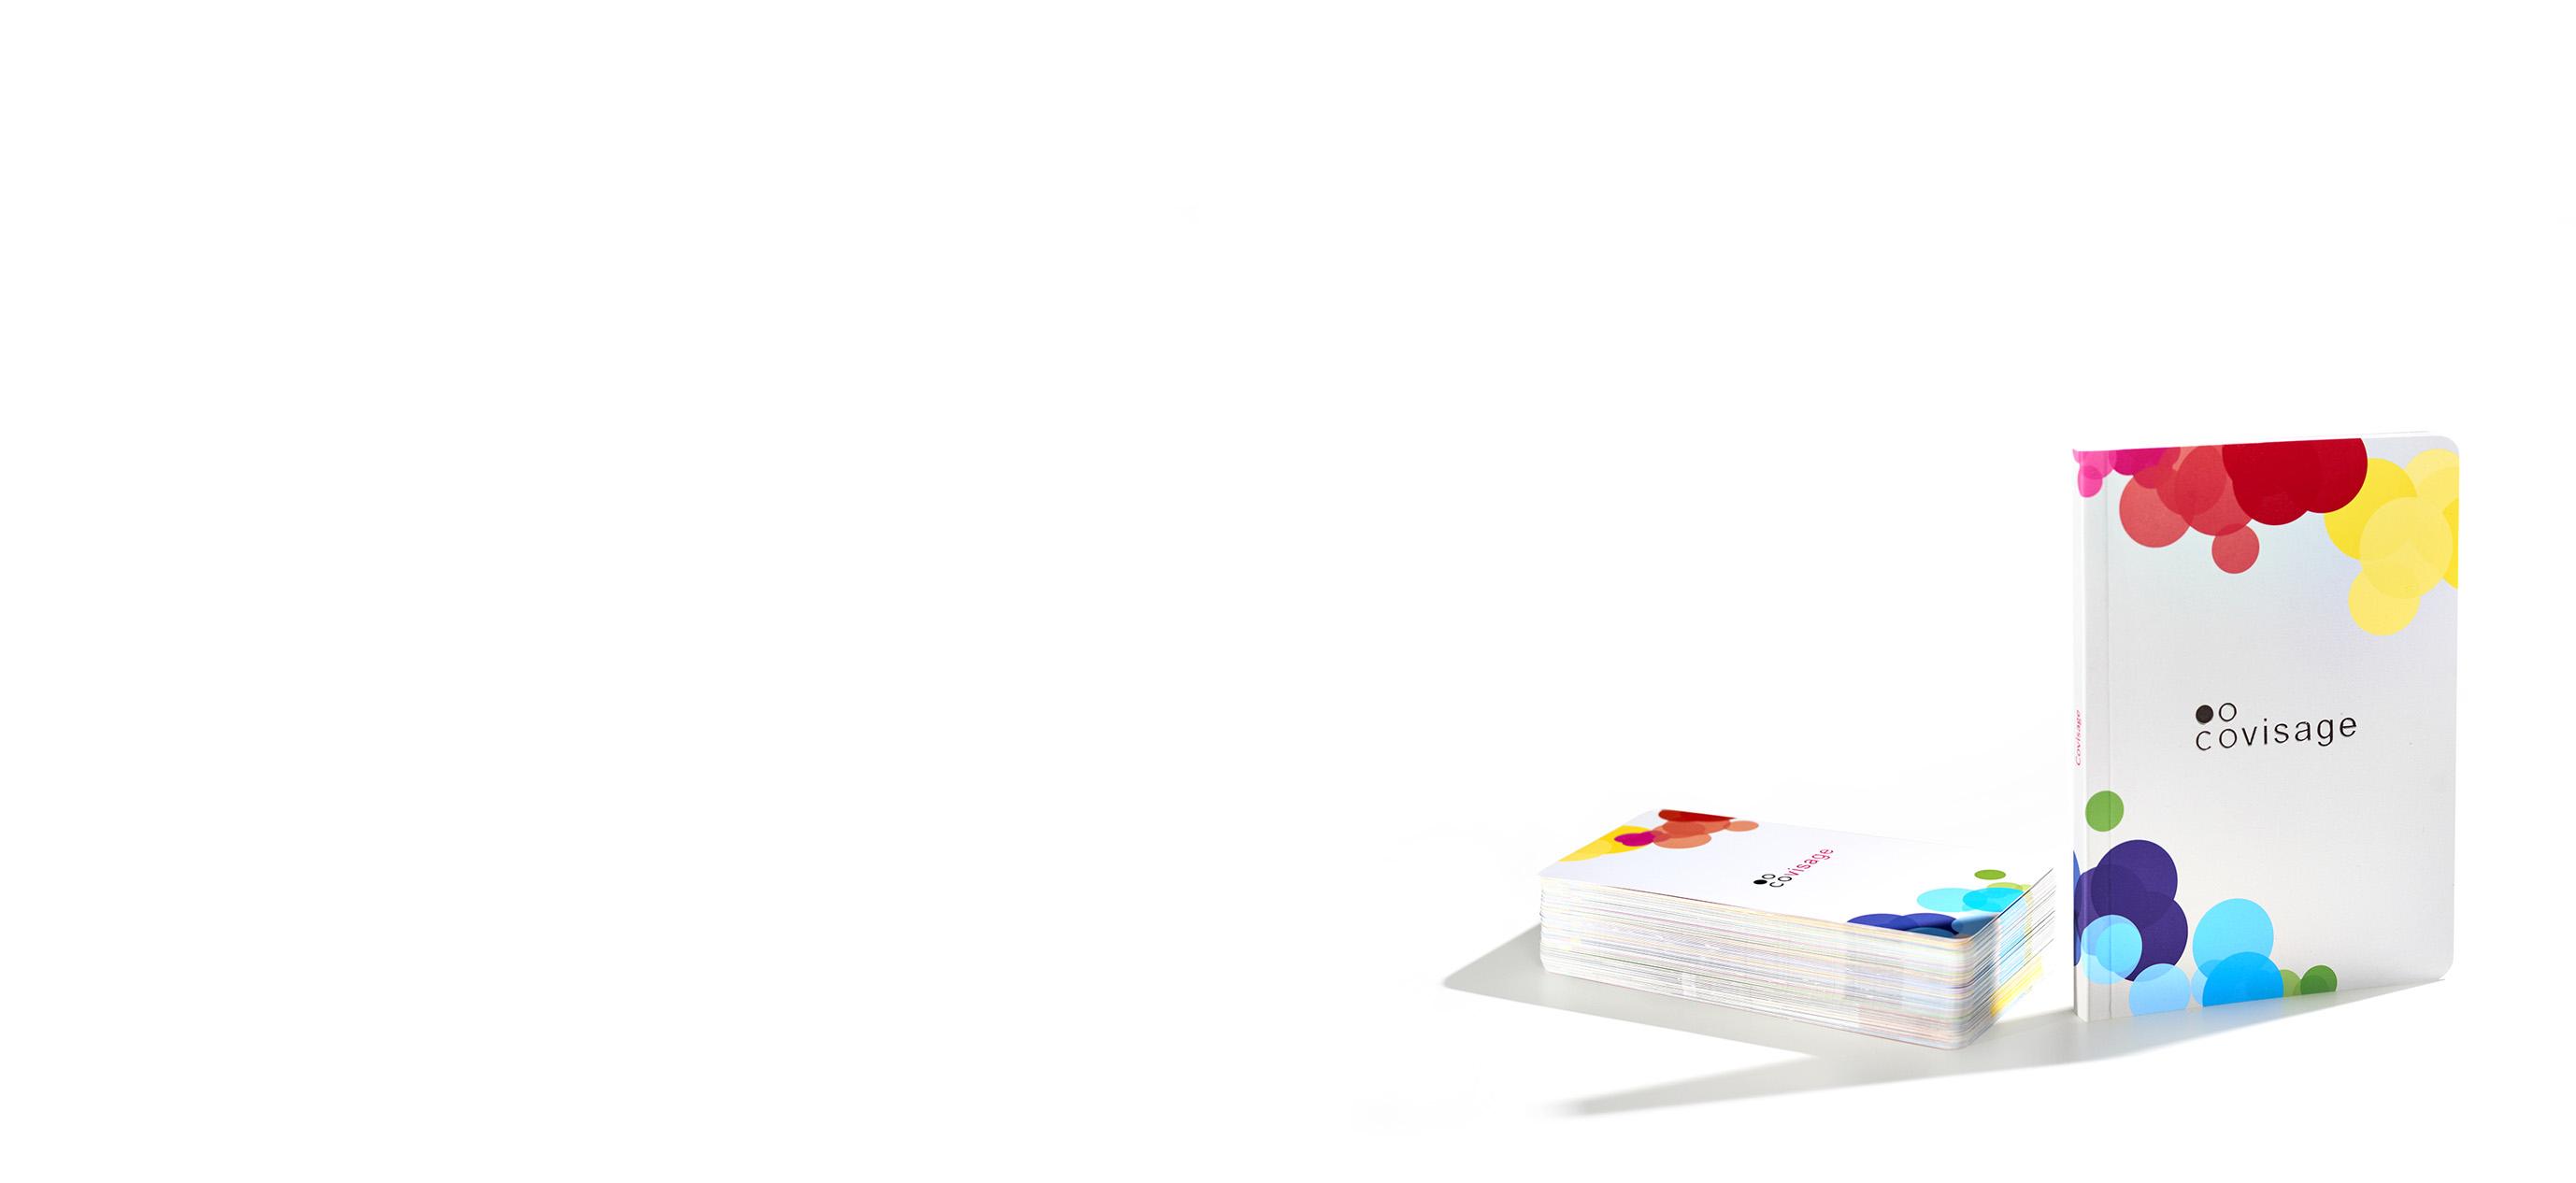 covisage cartas 4-Recuperado